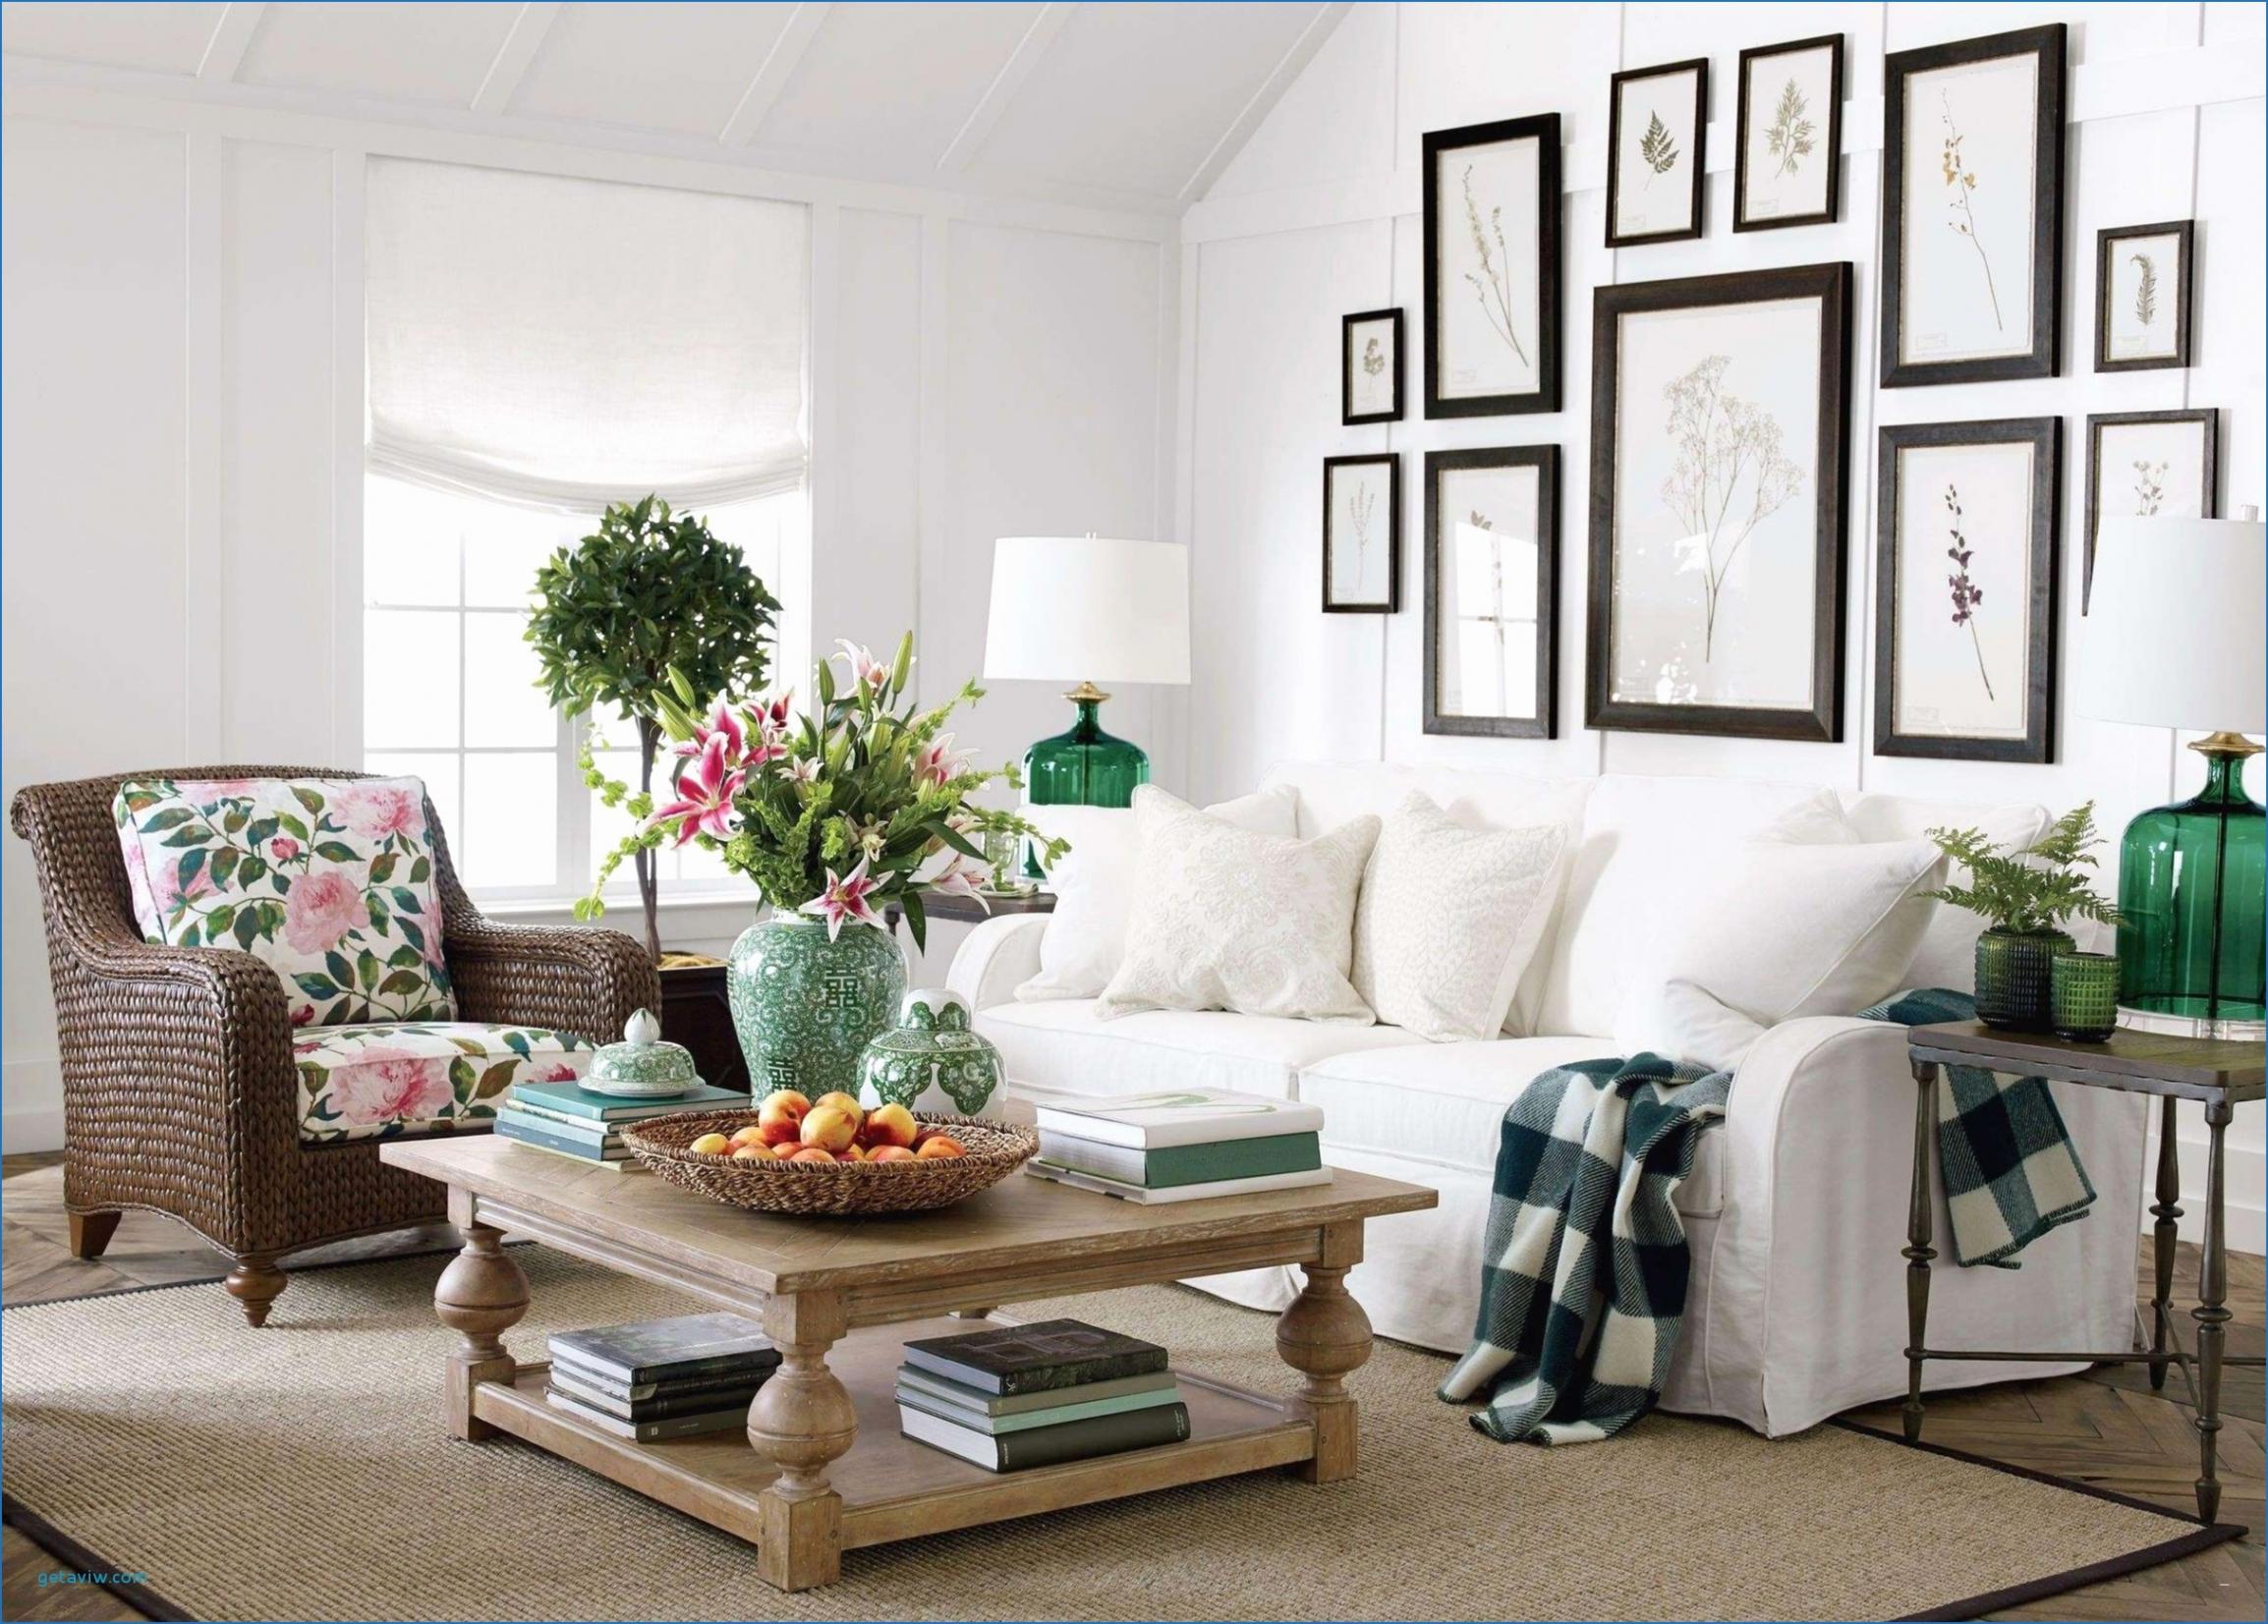 kleines wohnzimmer gestalten frisch kleines wohnzimmer einrichten kleines wohnzimmer vorher nachher kleines wohnzimmer vorher nachher